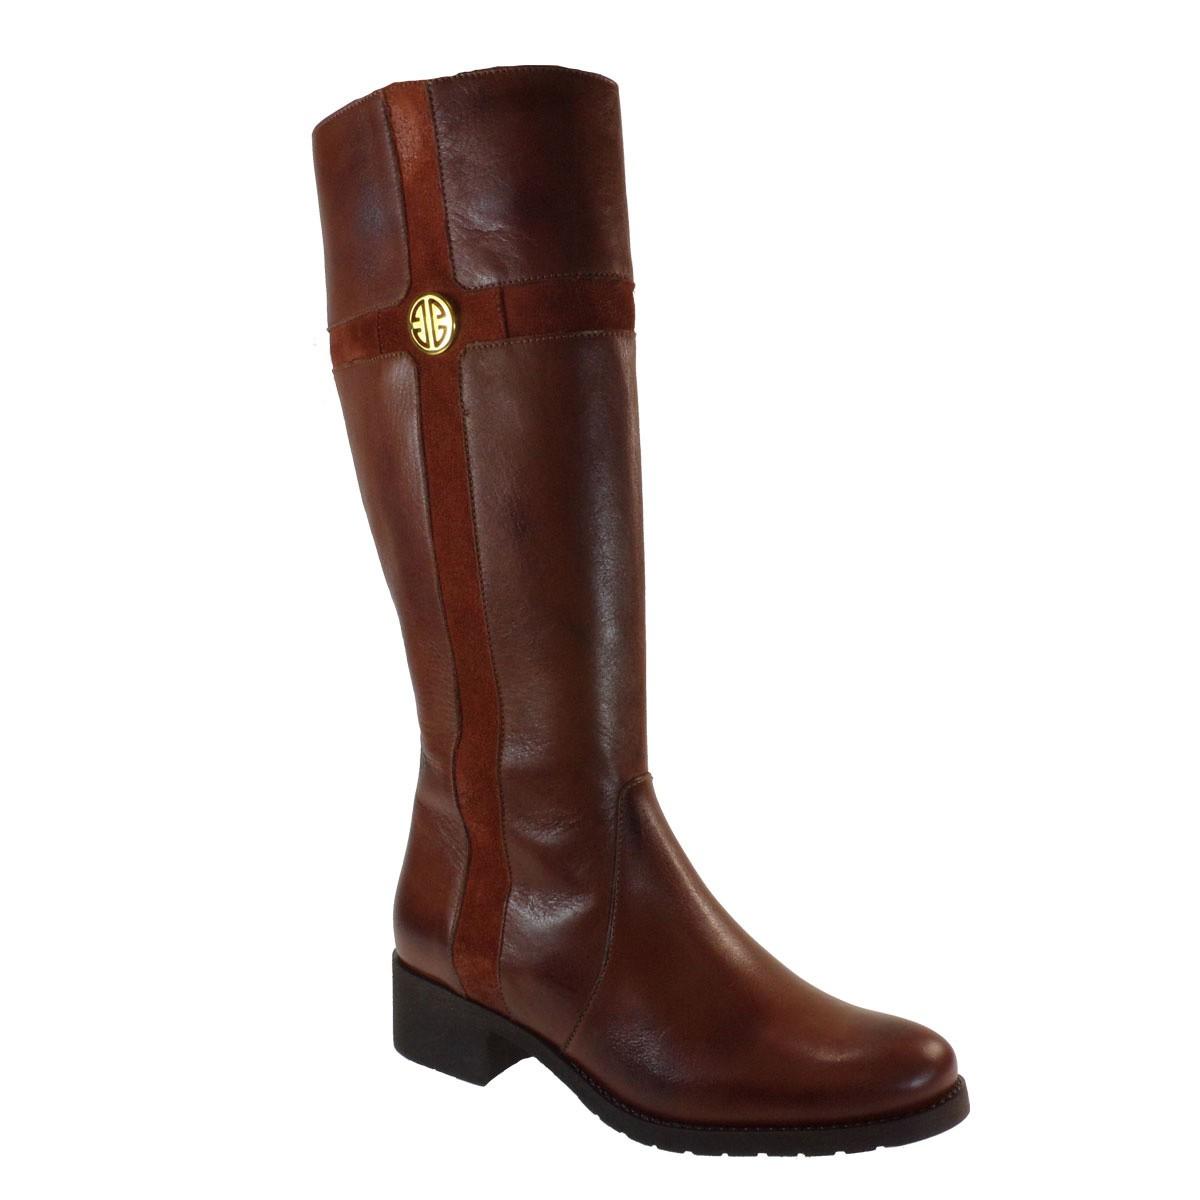 Fardoulis Shoes Γυναικεία Παπούτσια Μπότα 1807 Ταμπά Δέρμα